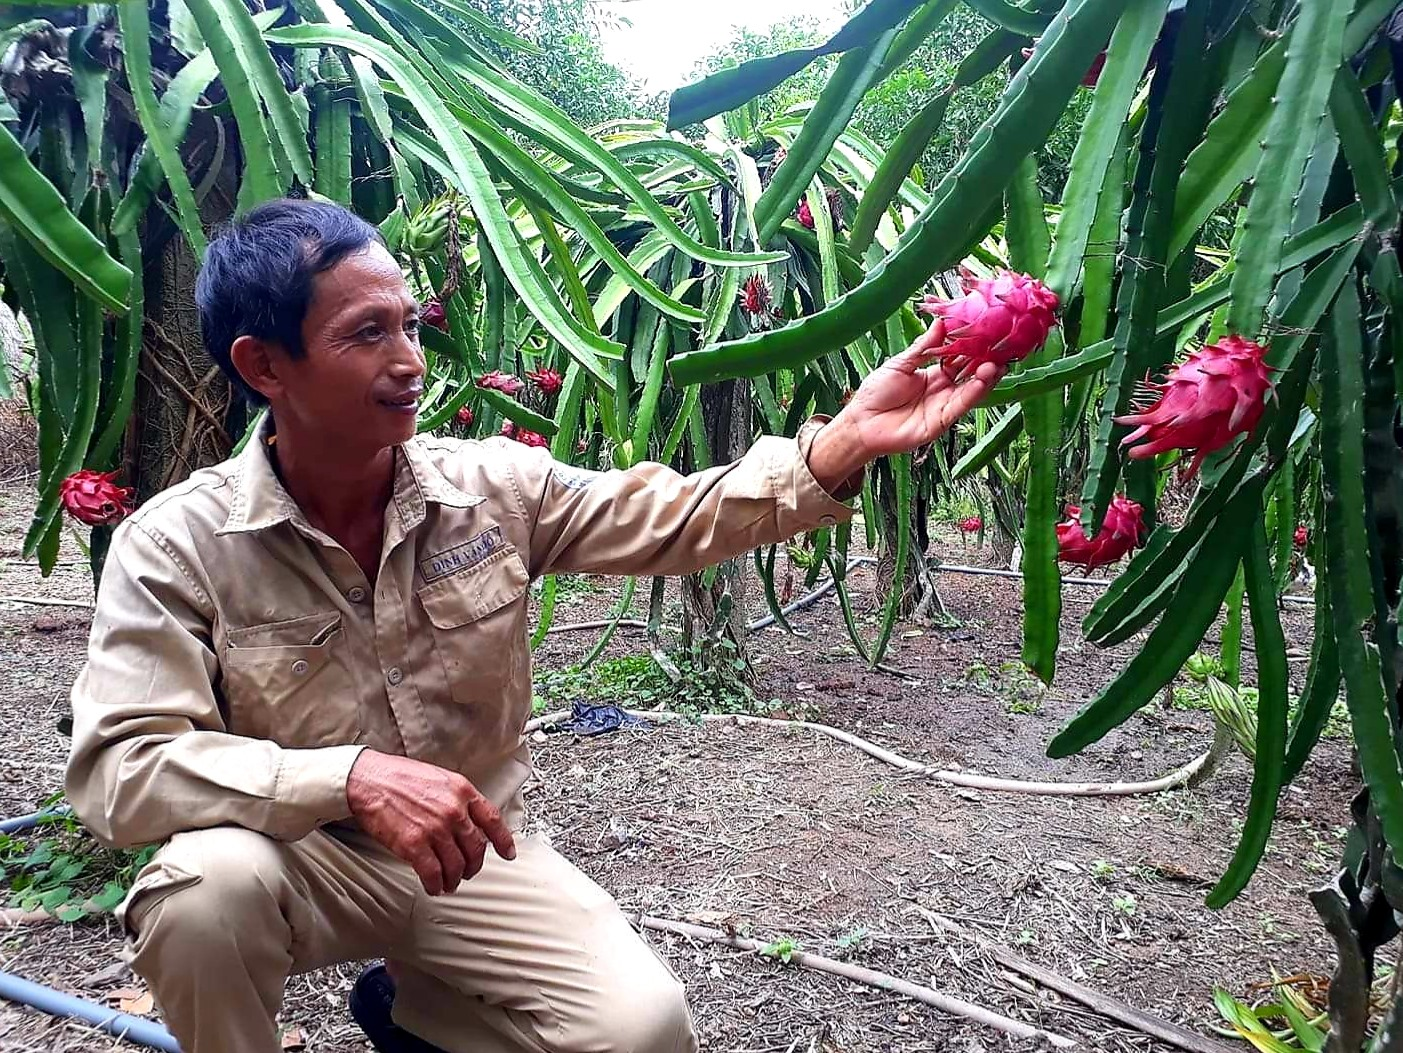 Việc đầu tư phát triển mạnh các mô hình kinh tế vườn đã giúp nhiều hộ dân ở Quế Sơn có nguồn thu nhập đáng kể. Ảnh: T.P